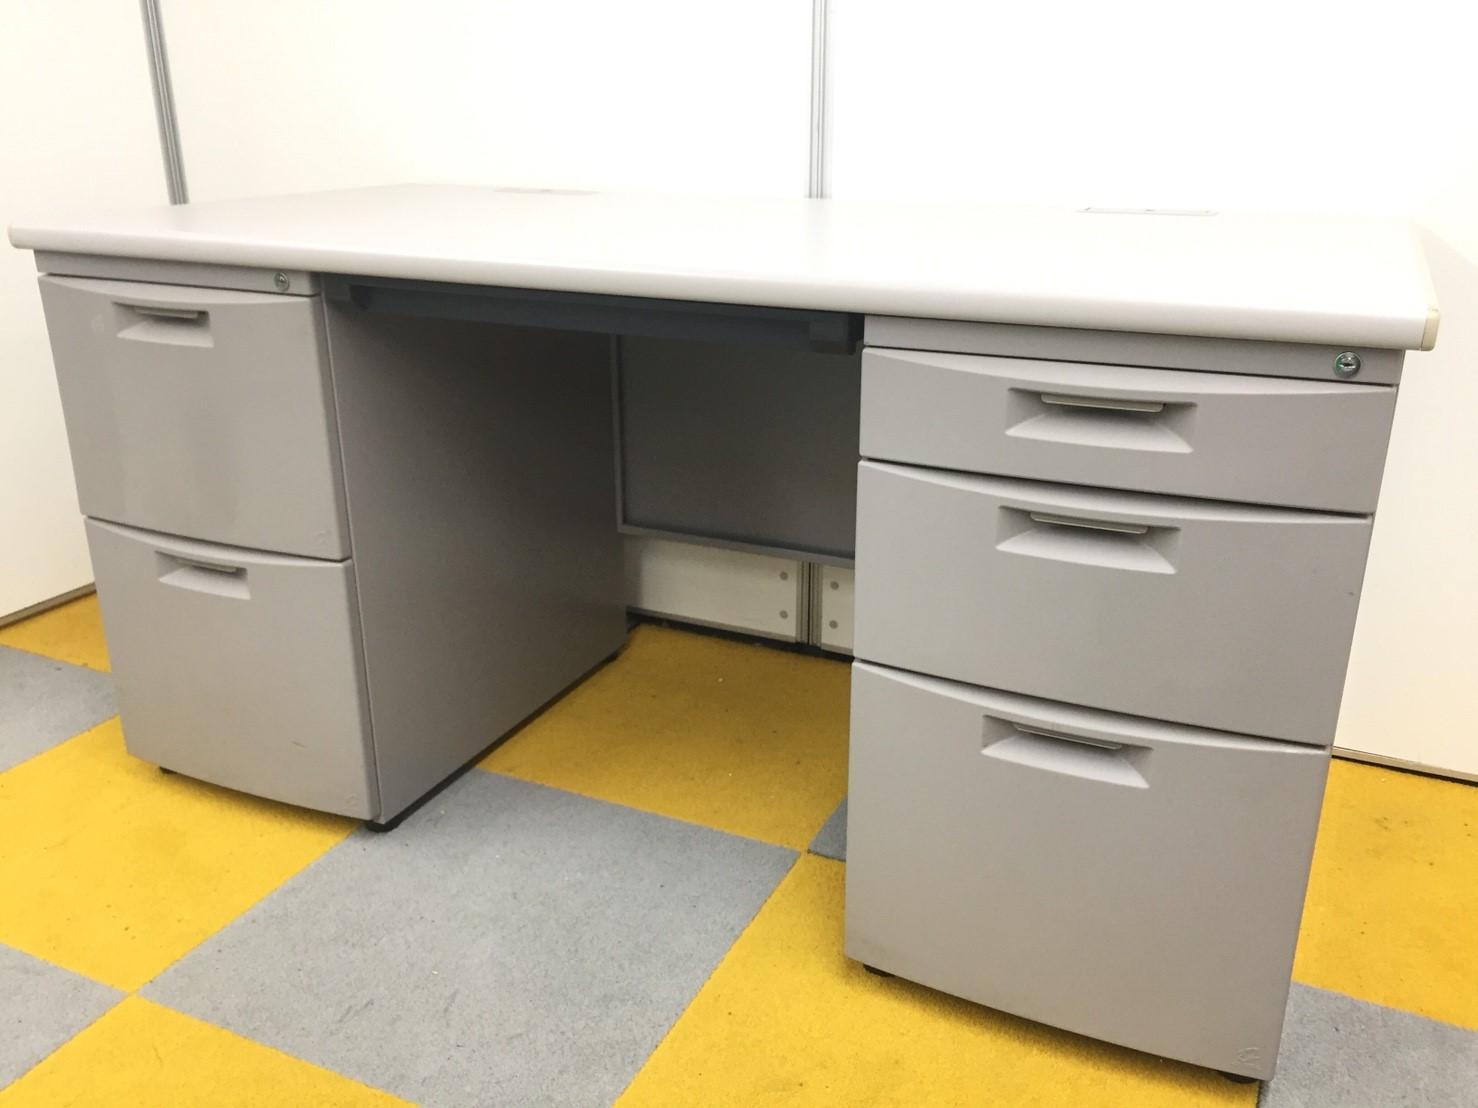 【残り2台!】【ワークスペース・収納スペースの両方が広い!】オフィス用両袖机